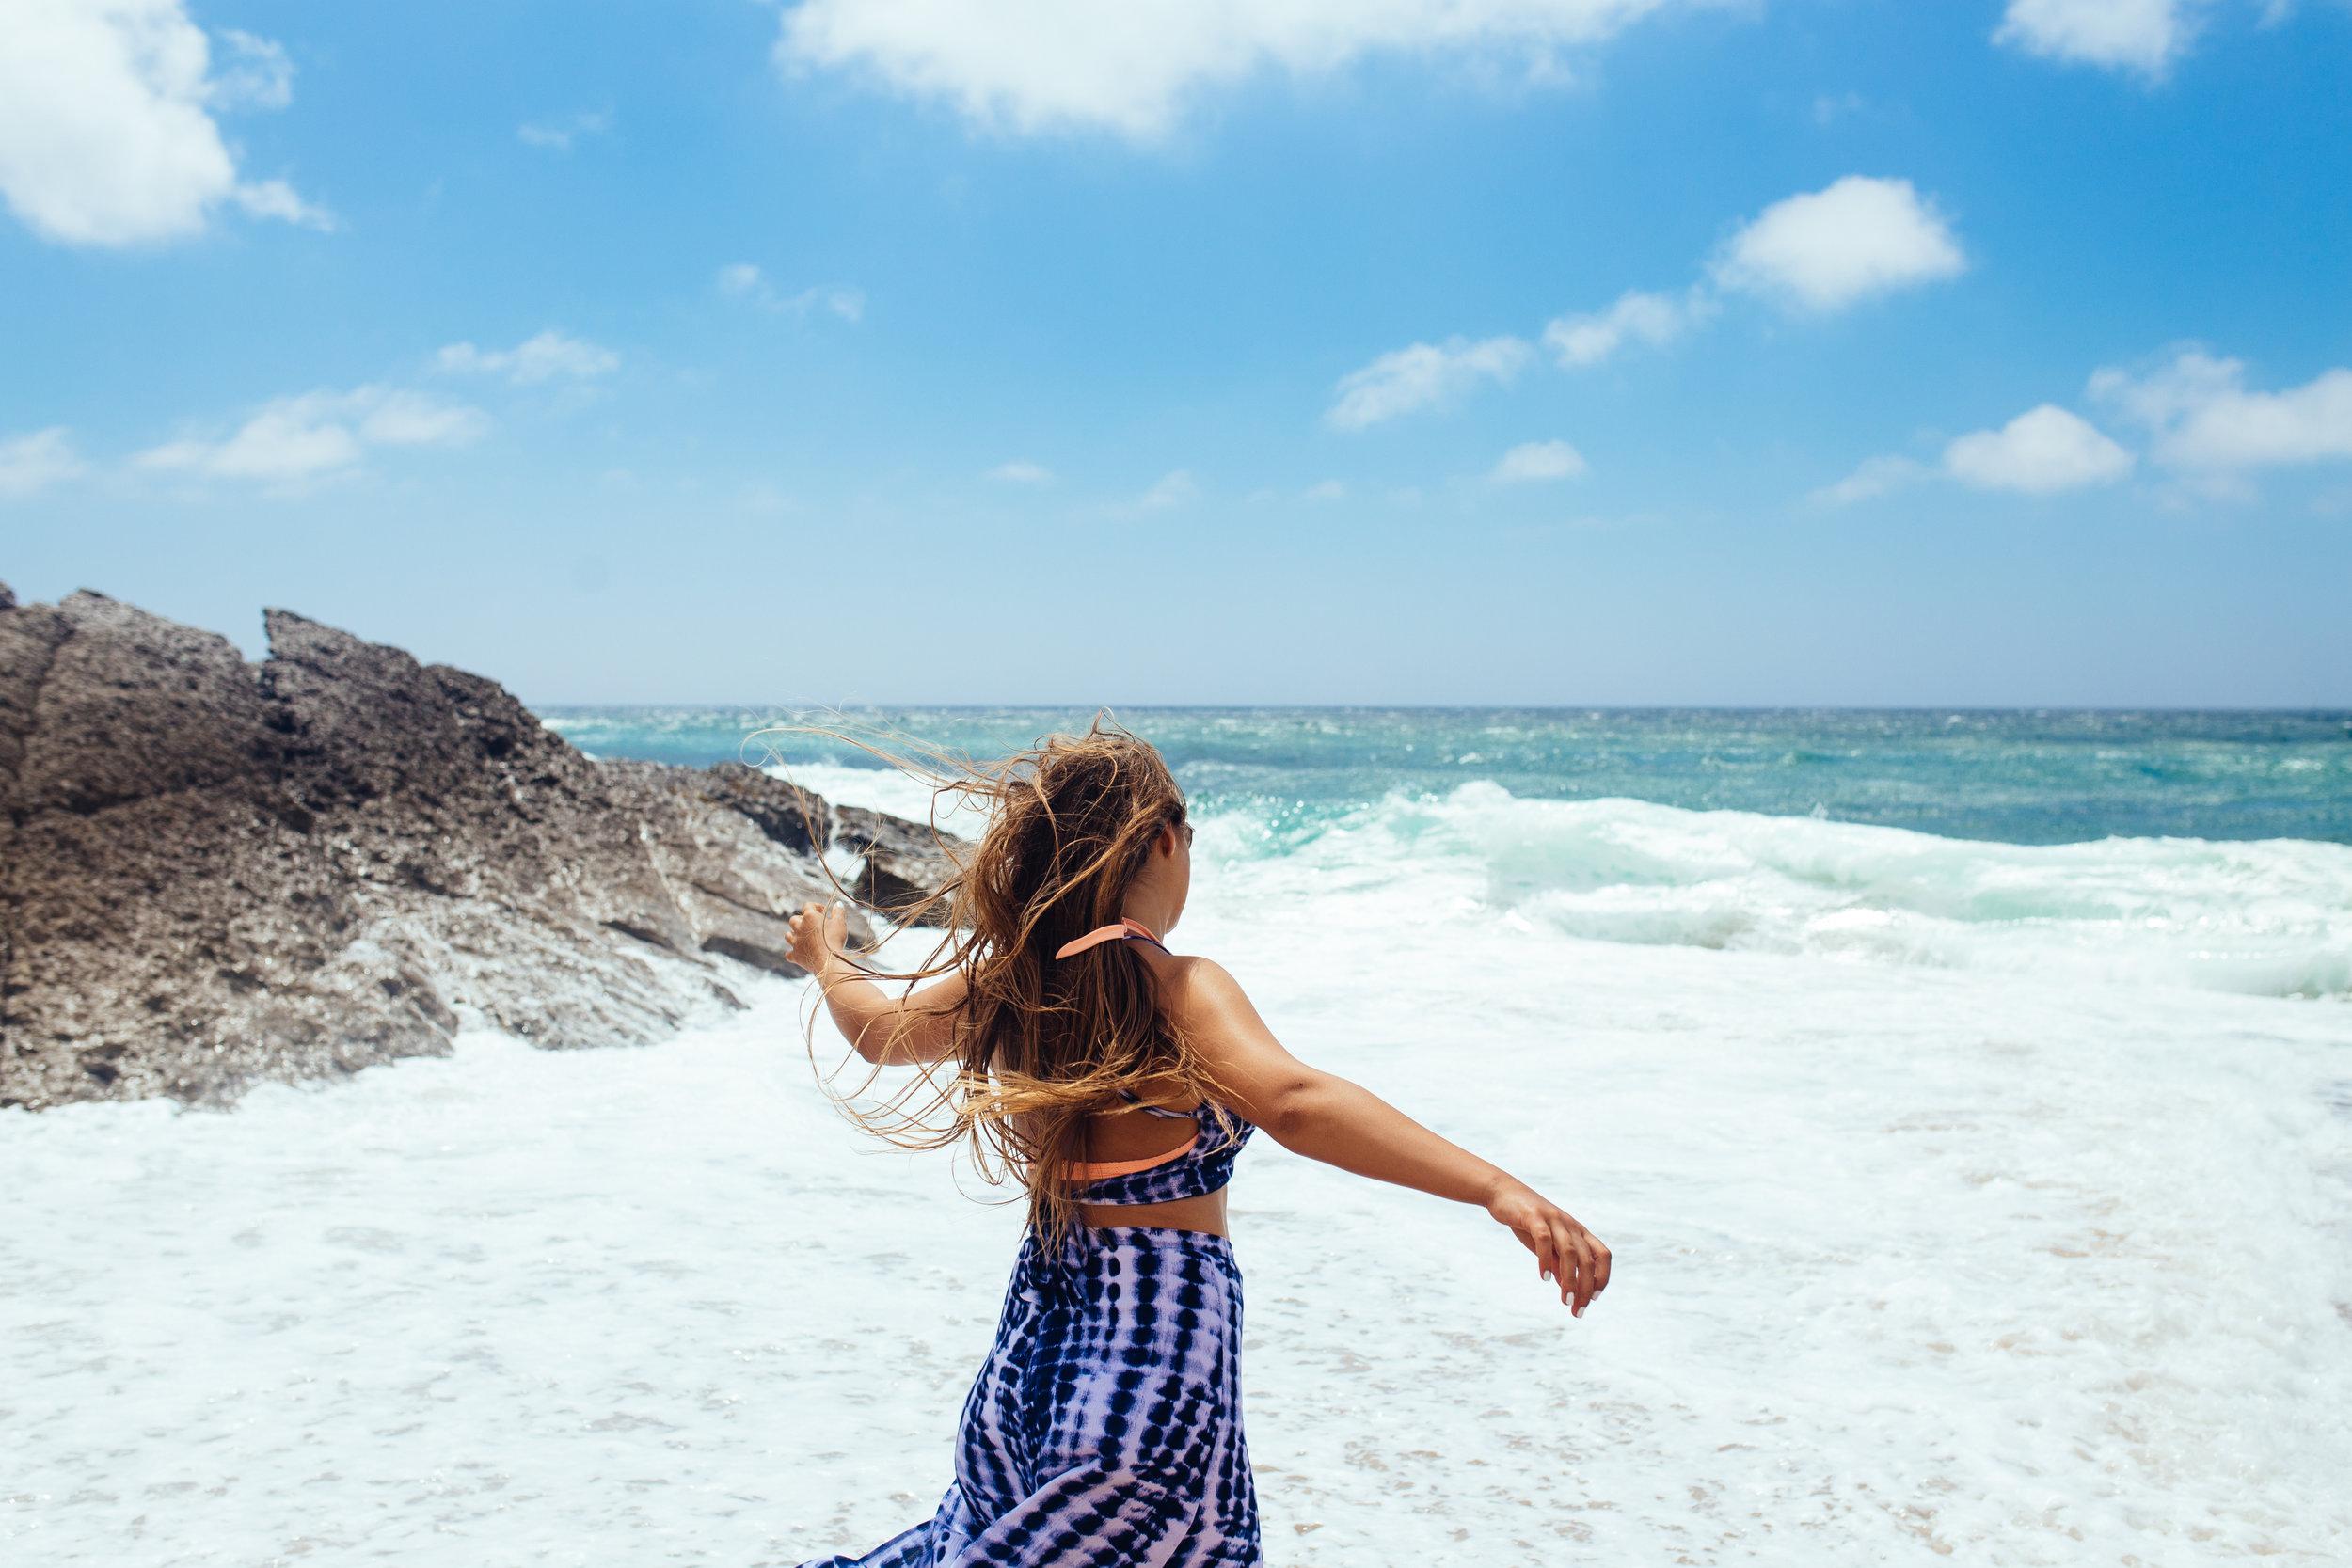 Lena in Forever 21 - Praia do Guincho - AROSE TRAVELS